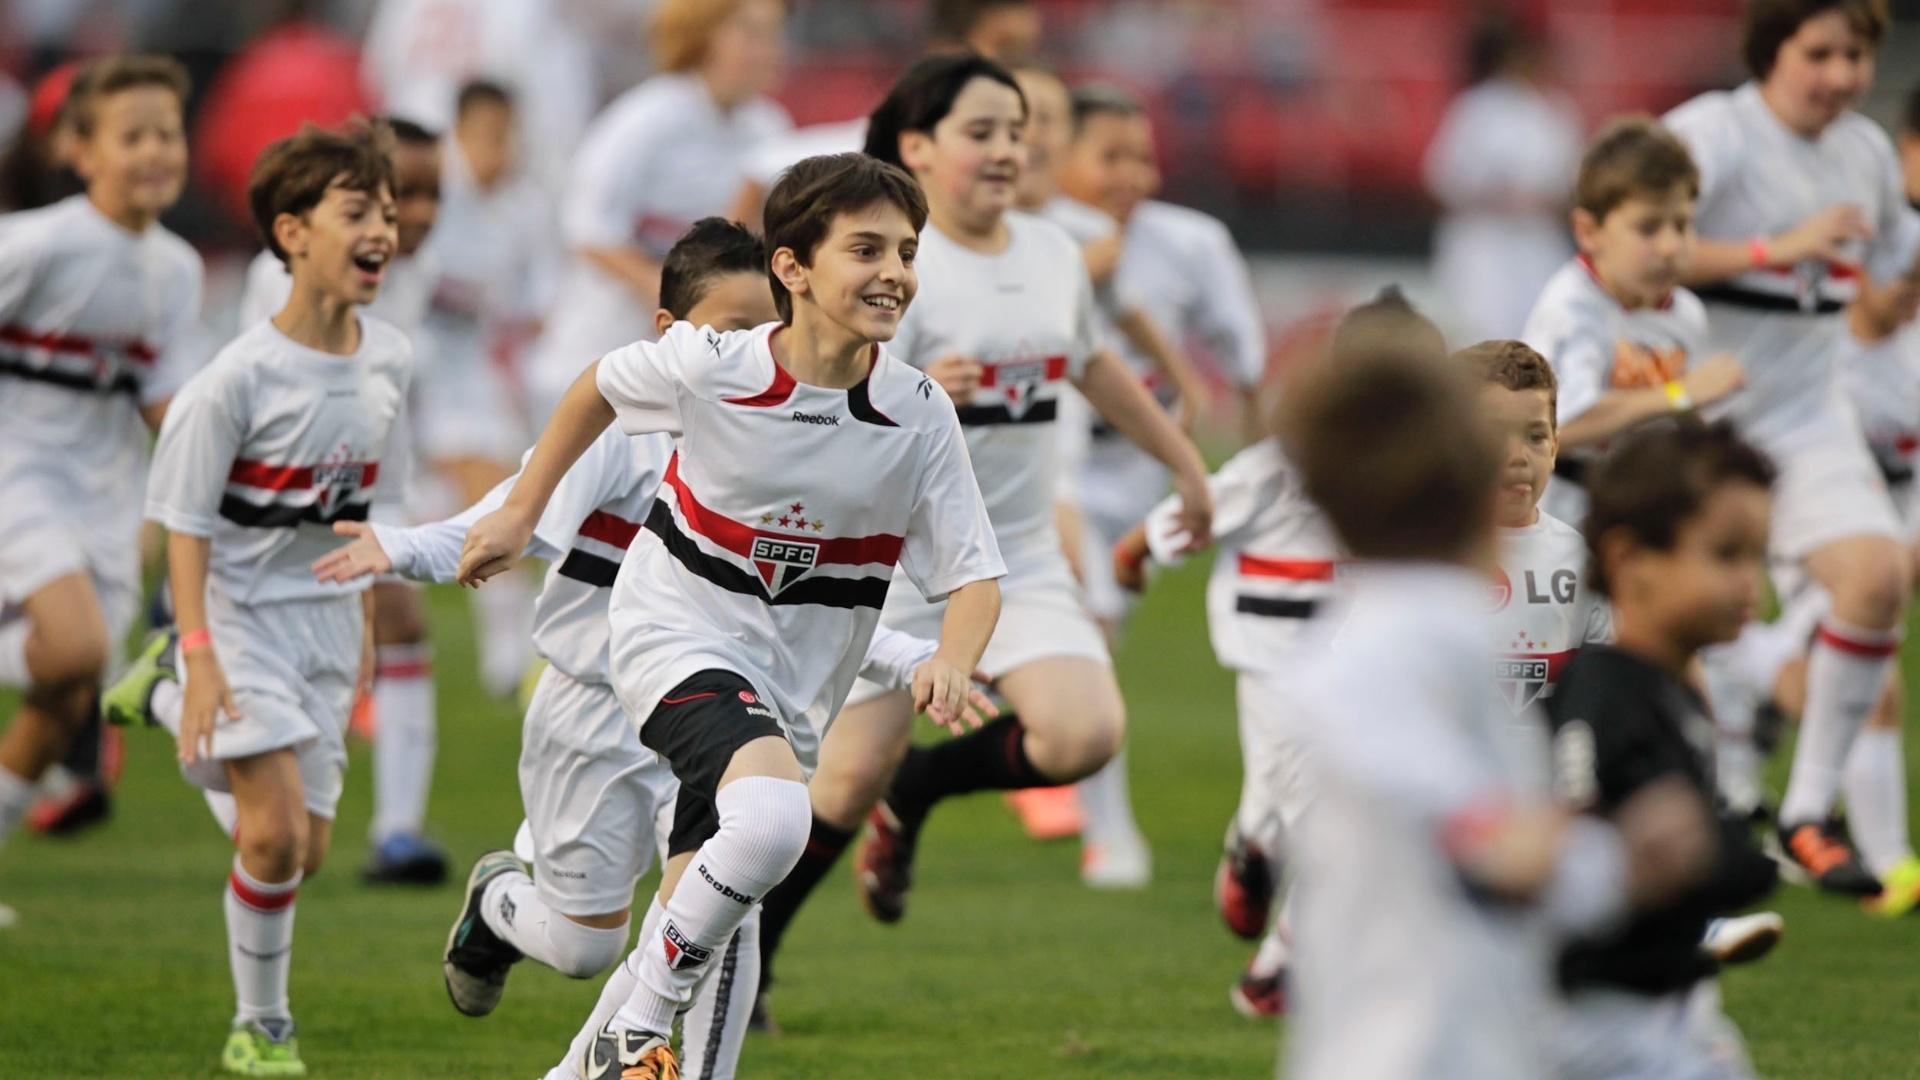 Depois de realizar sonho com ídolo, criança corre para sair do campo